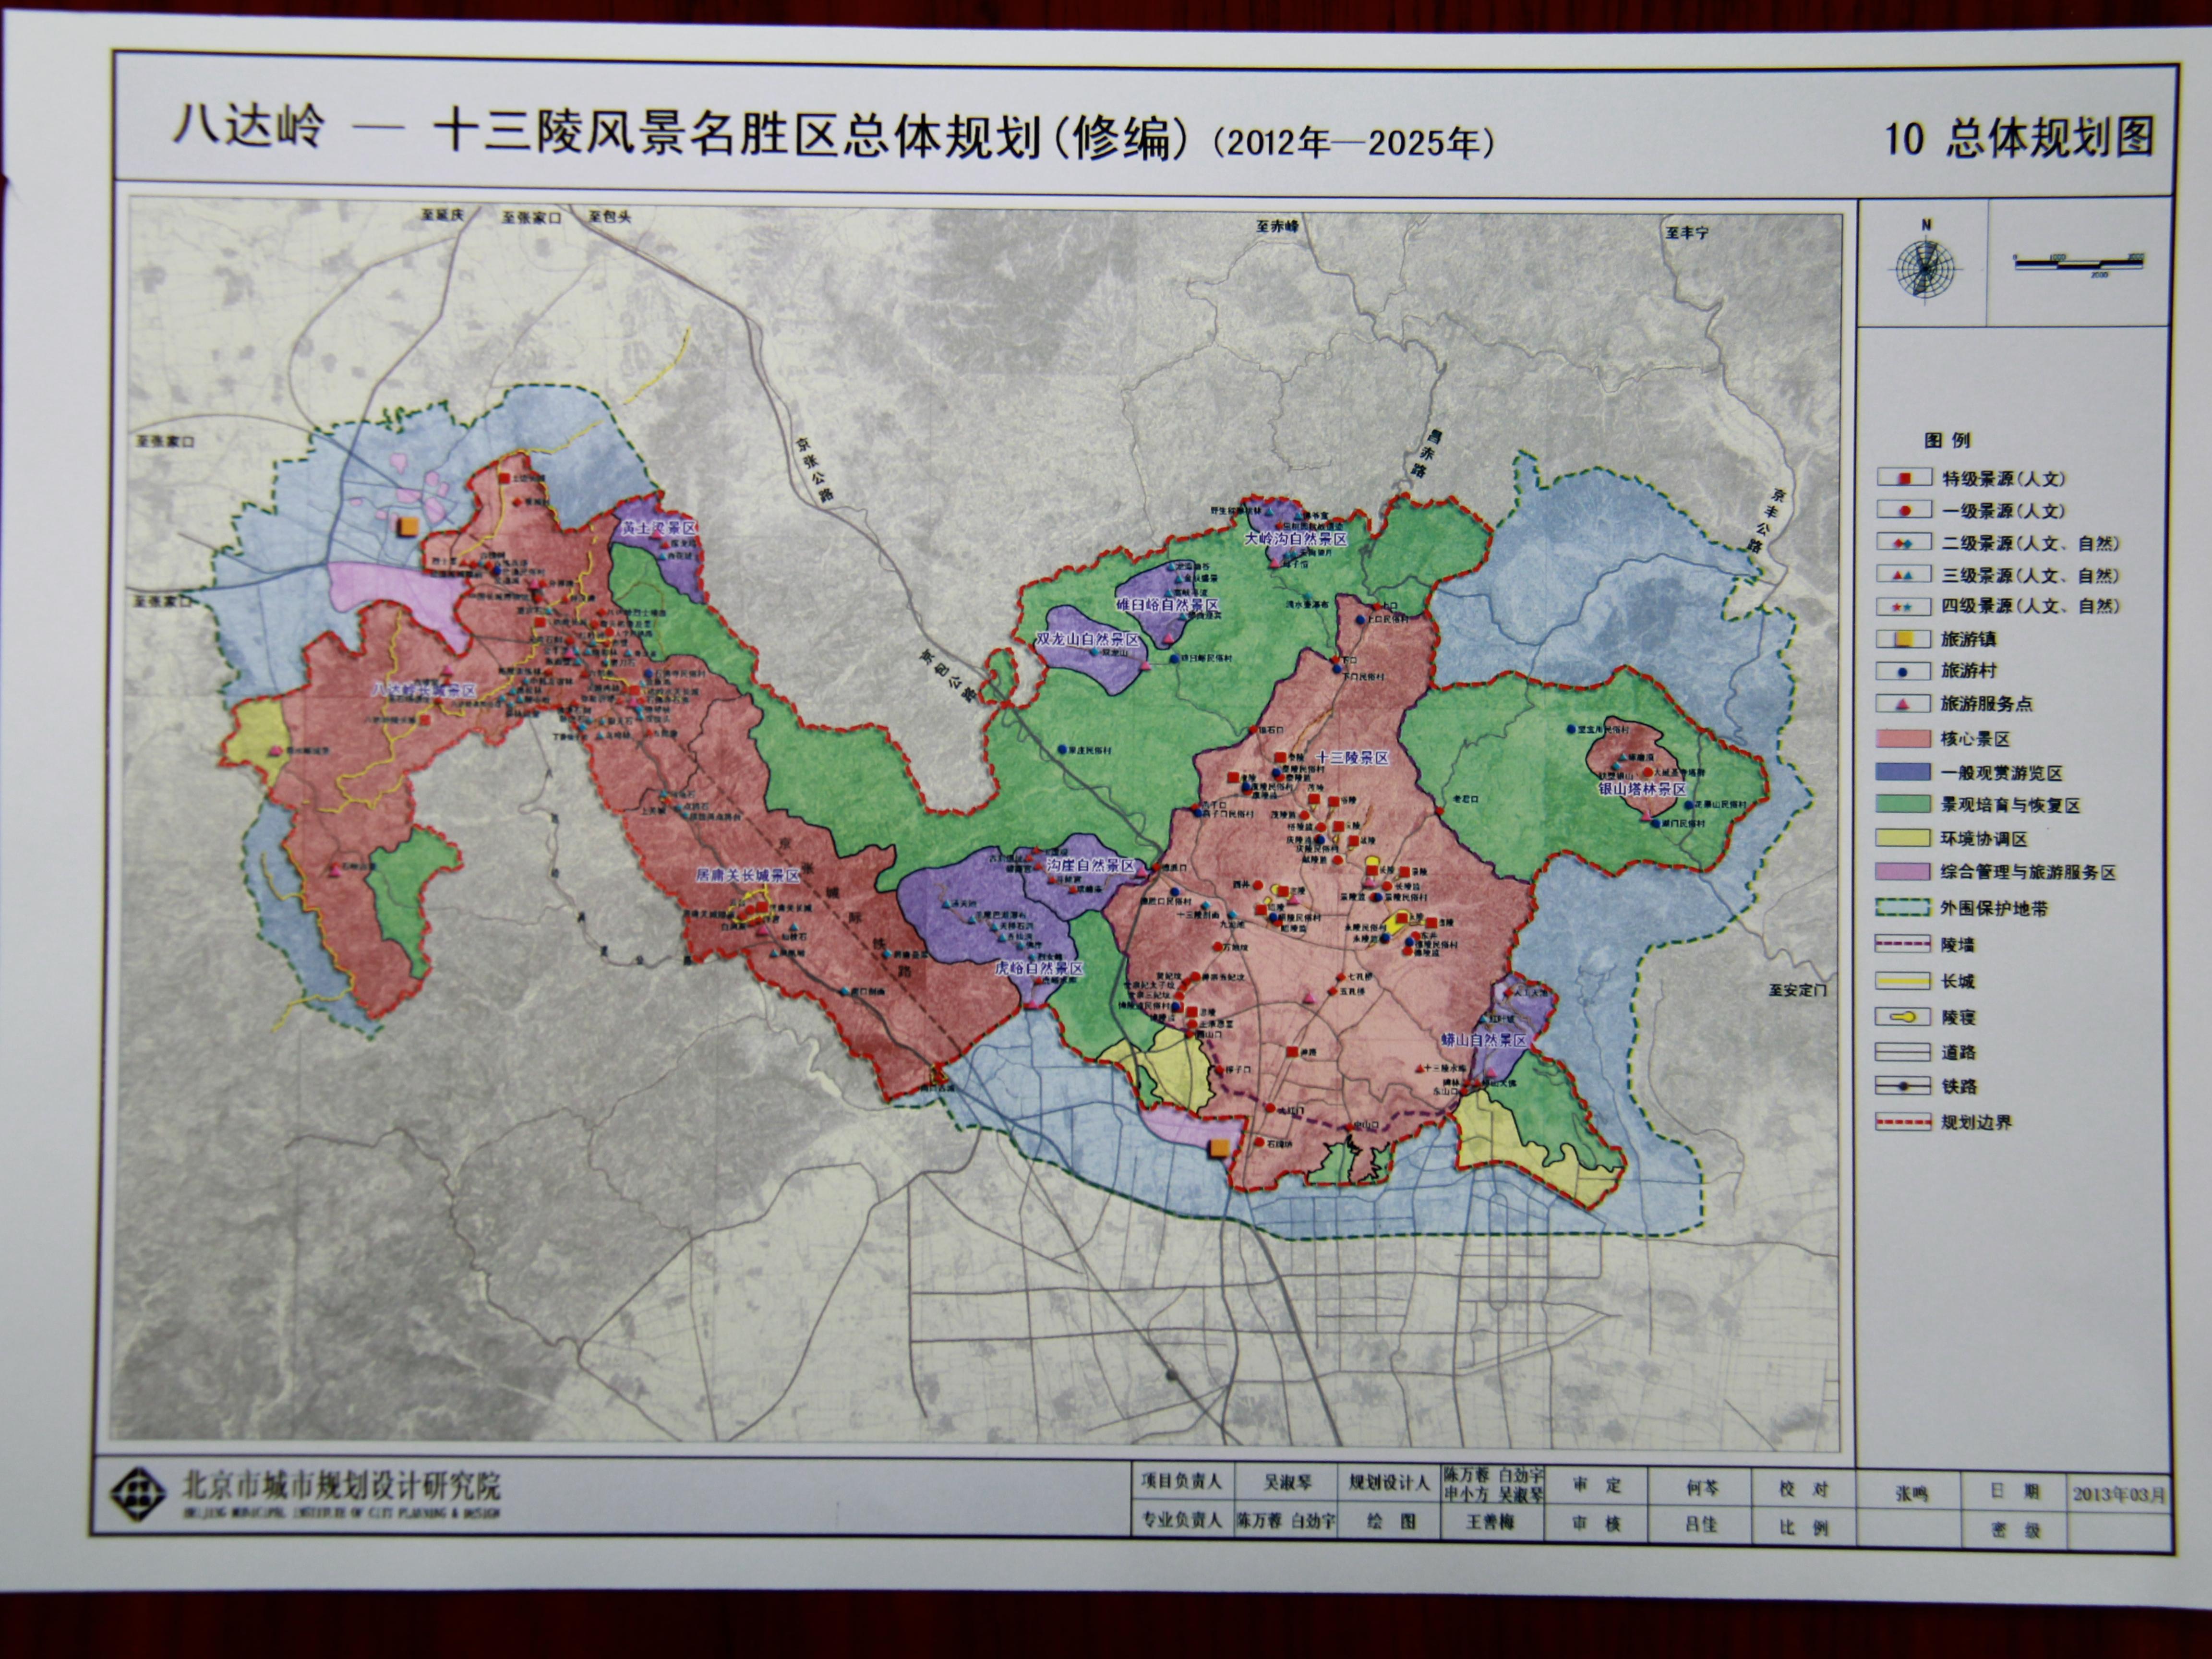 八达岭-十三陵风景名胜区规划图.jpg